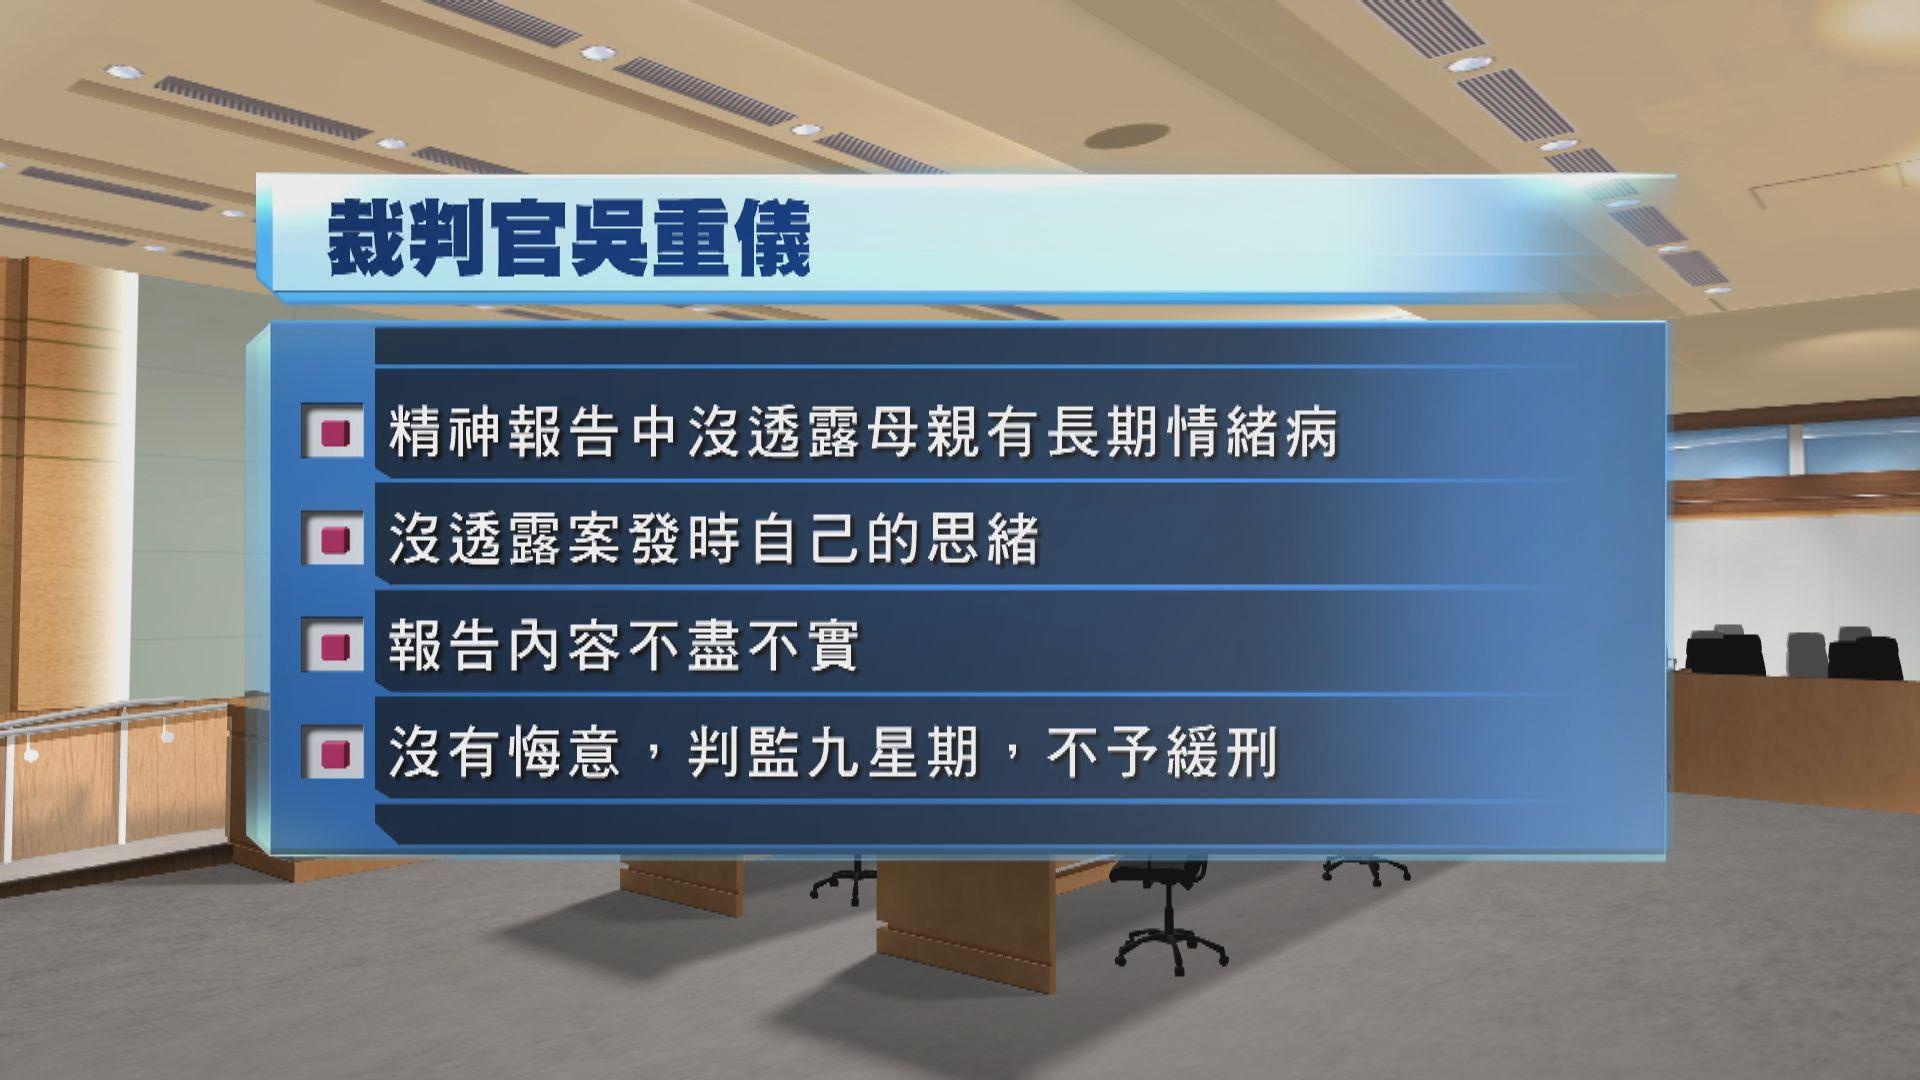 教師襲警罪成囚九周 官指被告無悔意不予緩刑